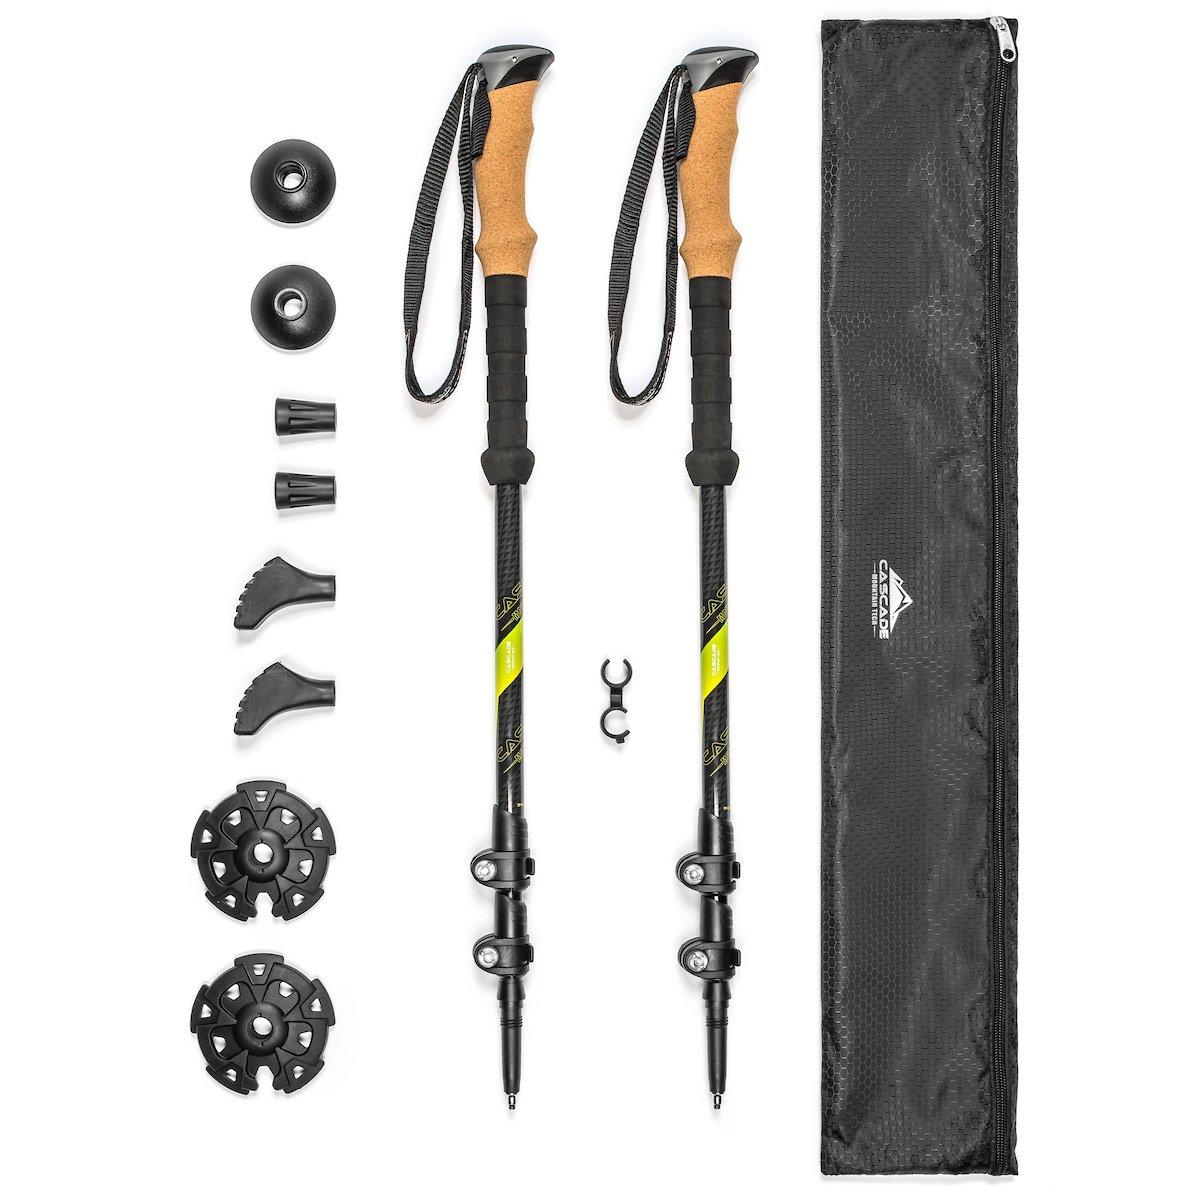 Cascade Mountain Tech Carbon Fiber Trekking Poles - Best Hiking Gear